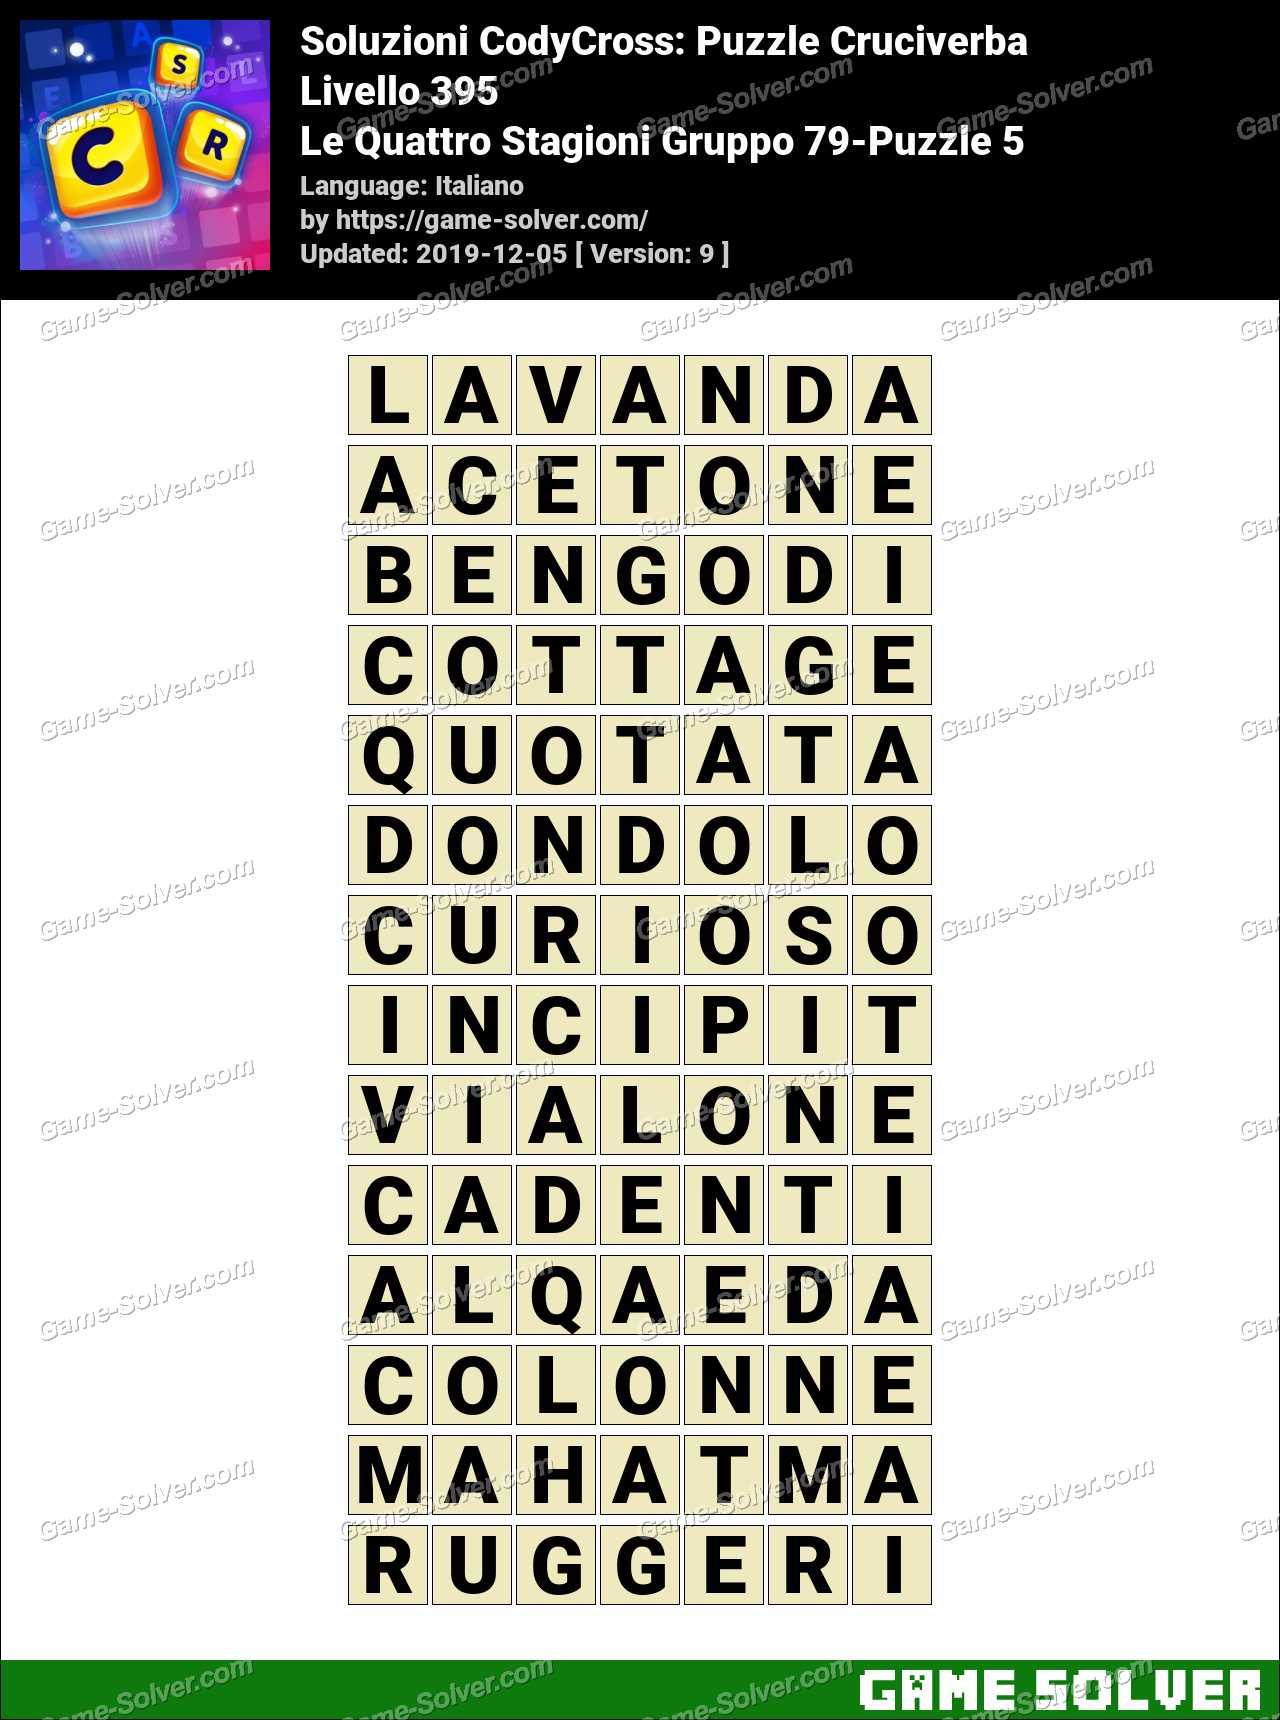 Soluzioni CodyCross Le Quattro Stagioni Gruppo 79-Puzzle 5